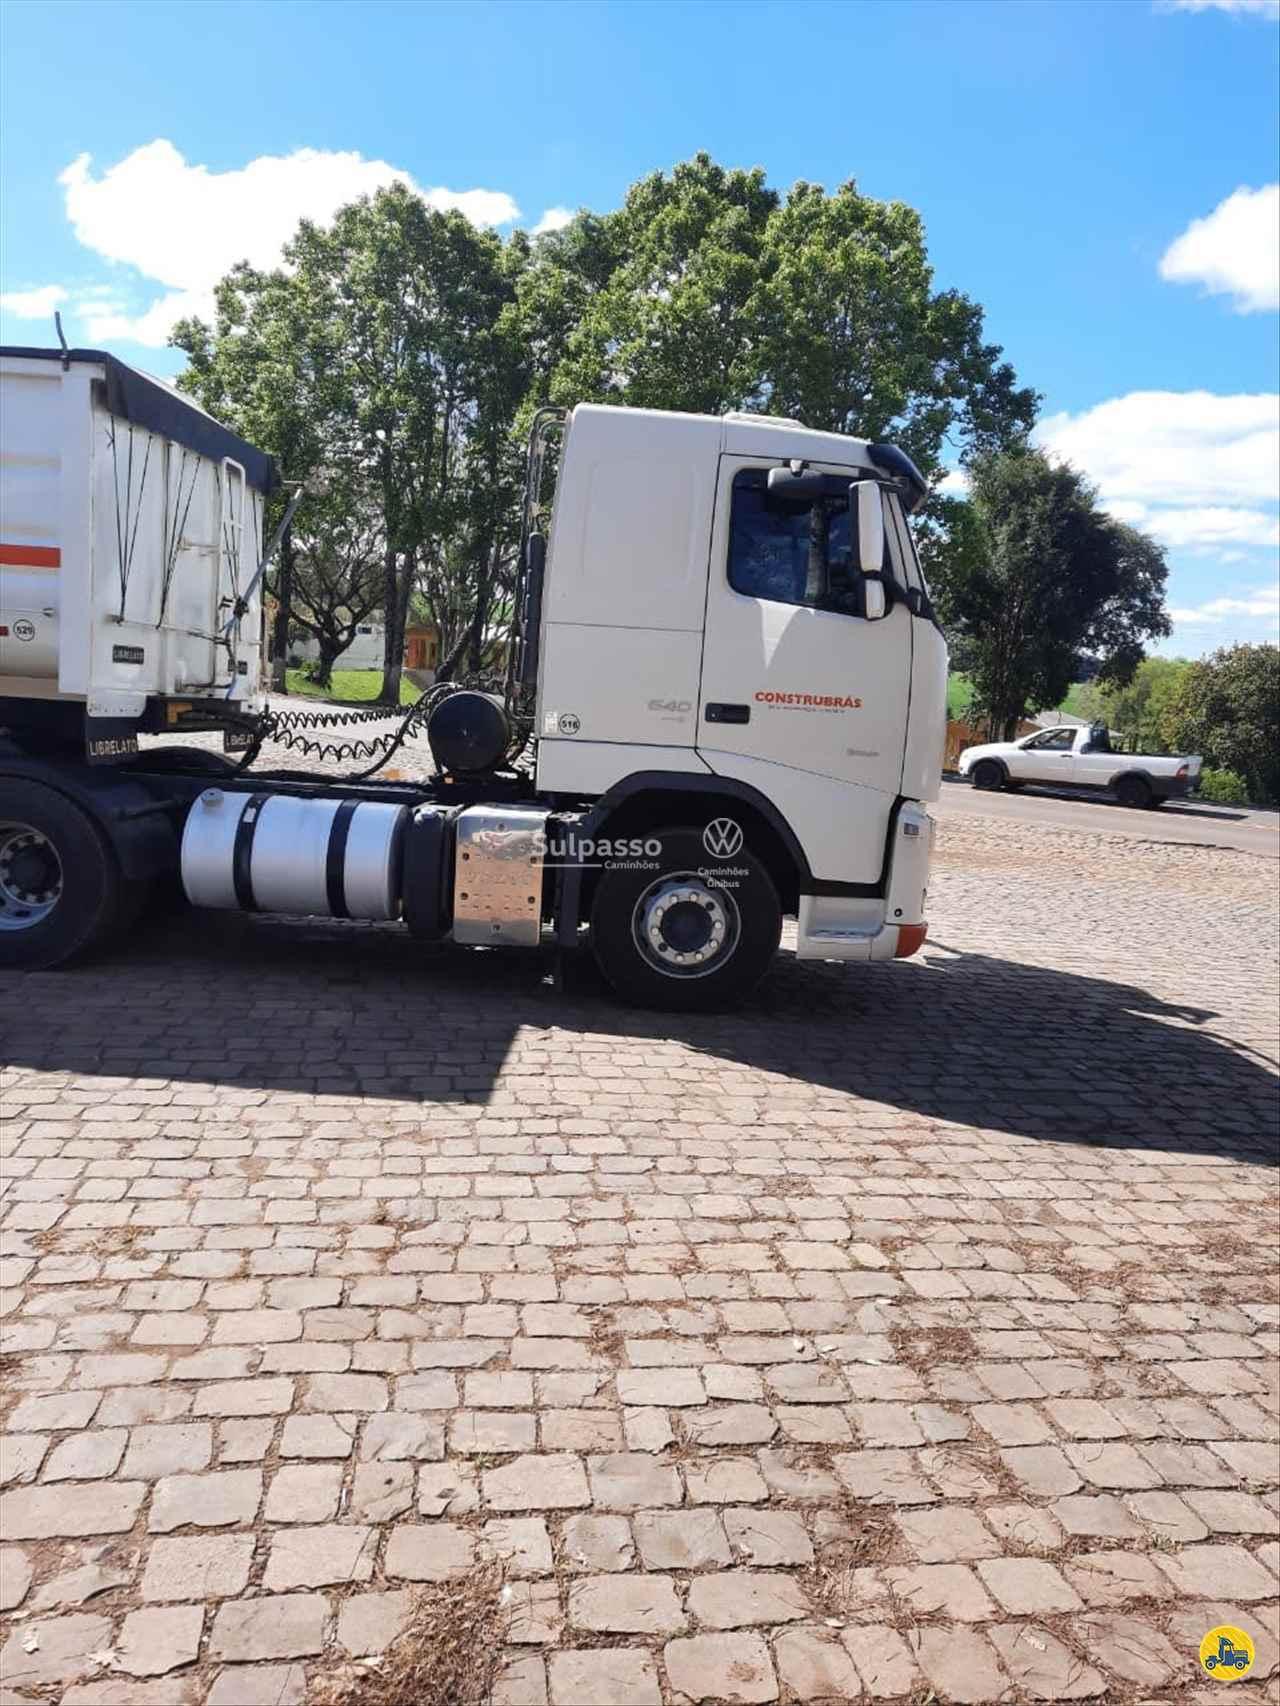 CAMINHAO VOLVO VOLVO FH 540 Chassis Traçado 6x4 Sulpasso Caminhões - VW MAN PASSO FUNDO RIO GRANDE DO SUL RS